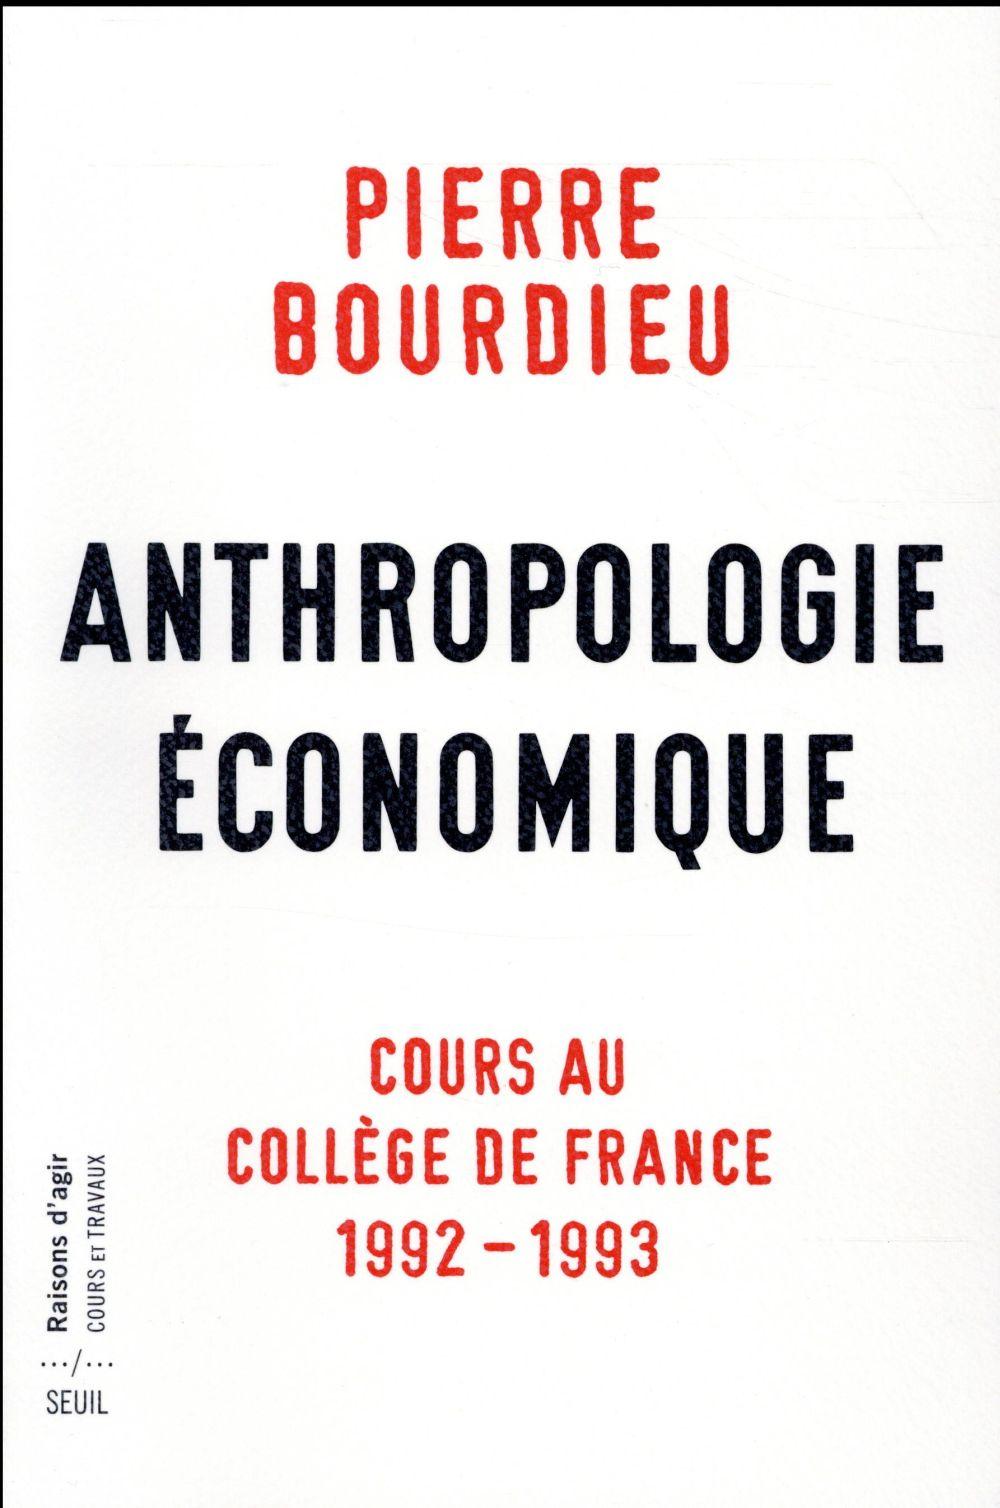 ANTHROPOLOGIE ECONOMIQUE - COURS AU COLLEGE DE FRANCE 1992-1993